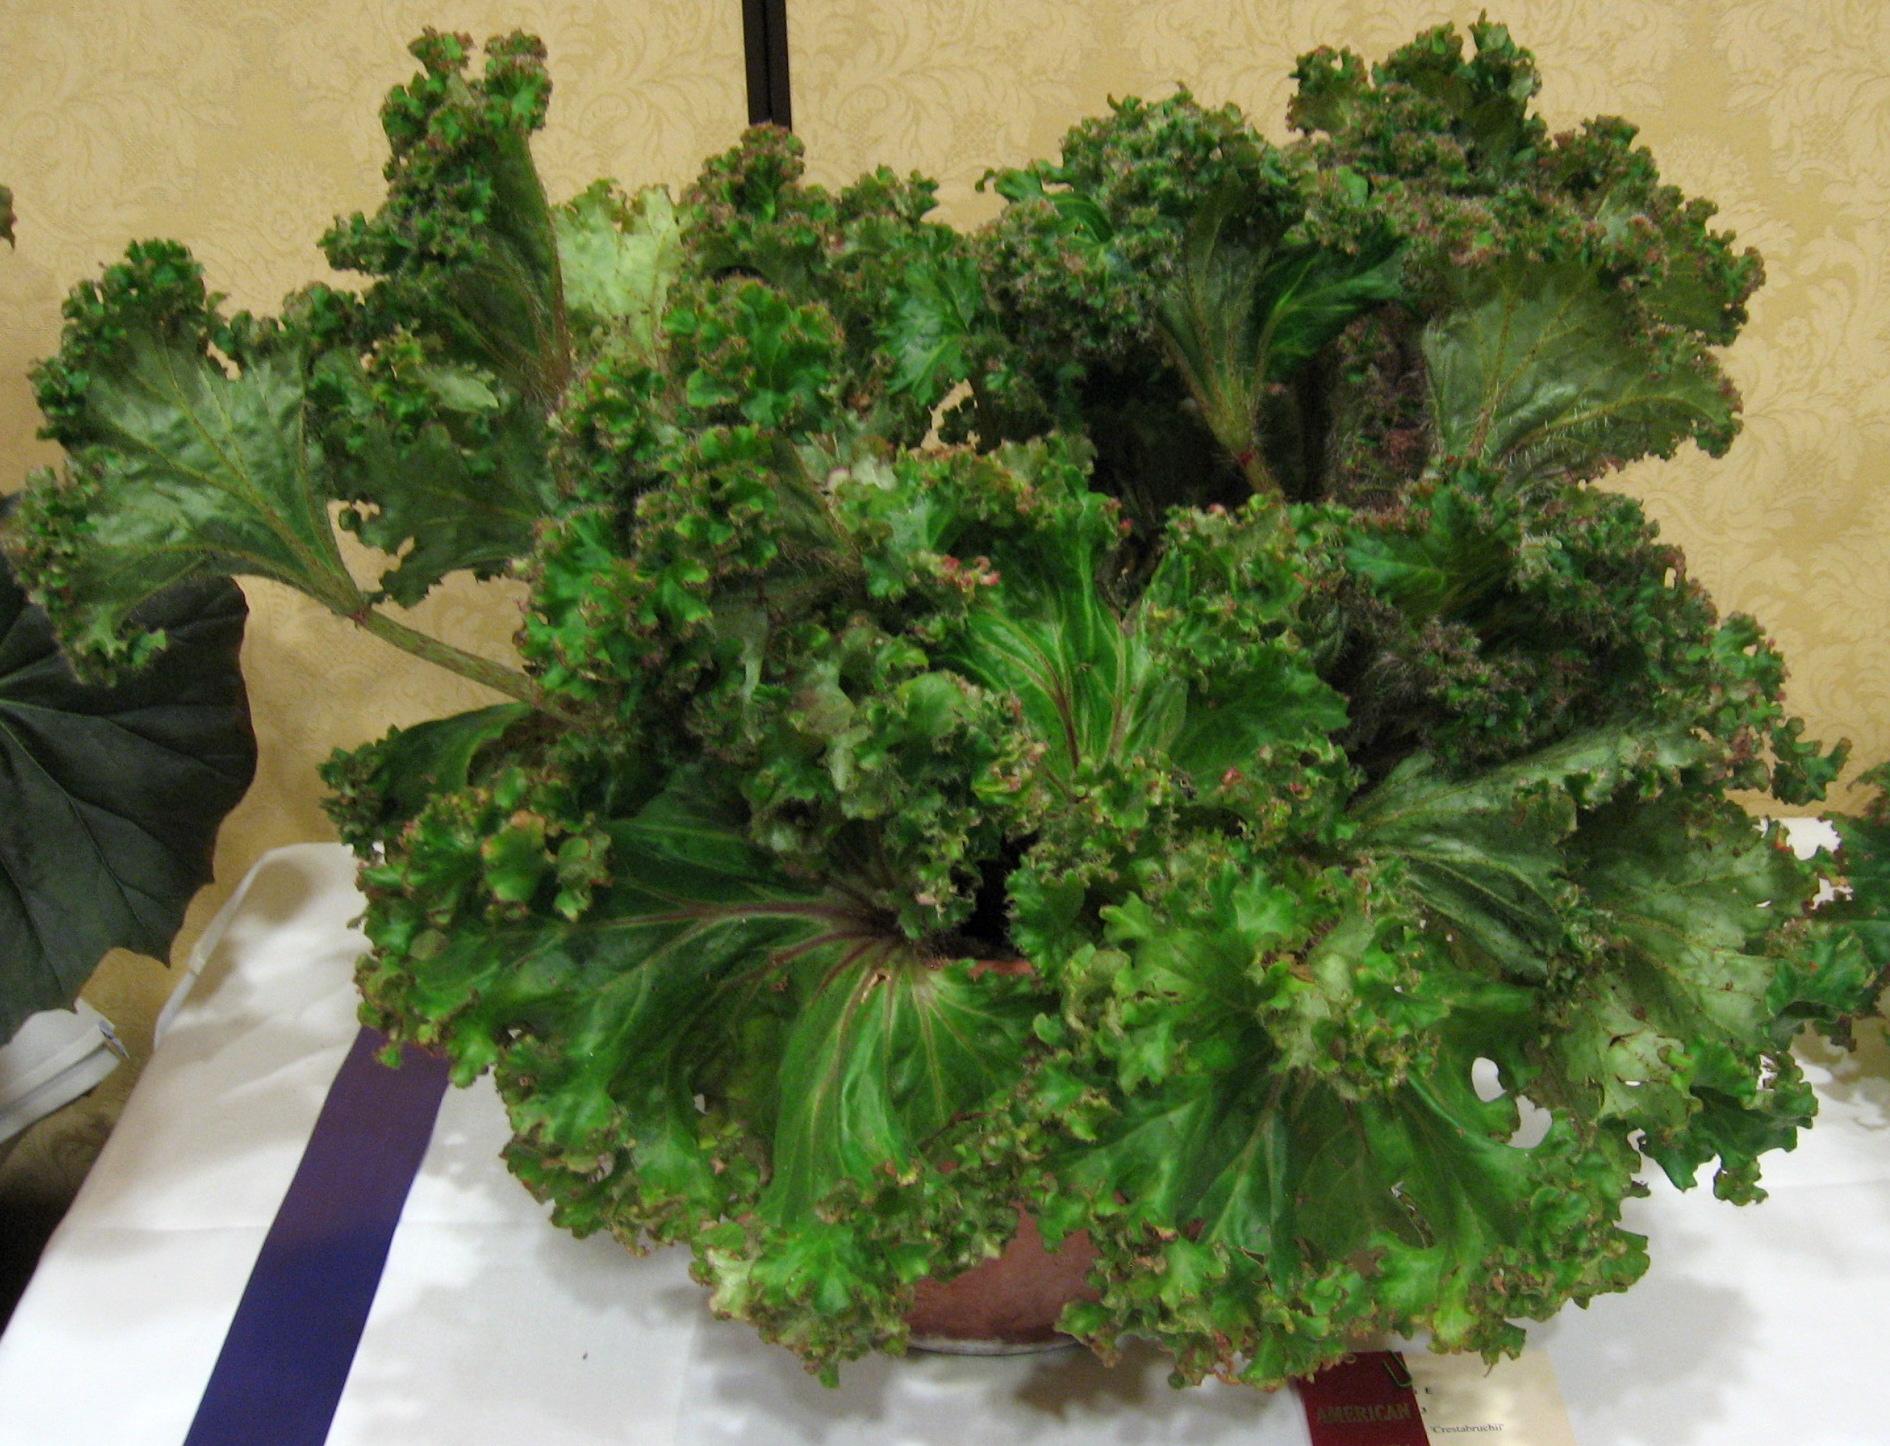 Quatre autres plantes aux feuilles bizarres jardinier for Nettoyer feuilles plantes